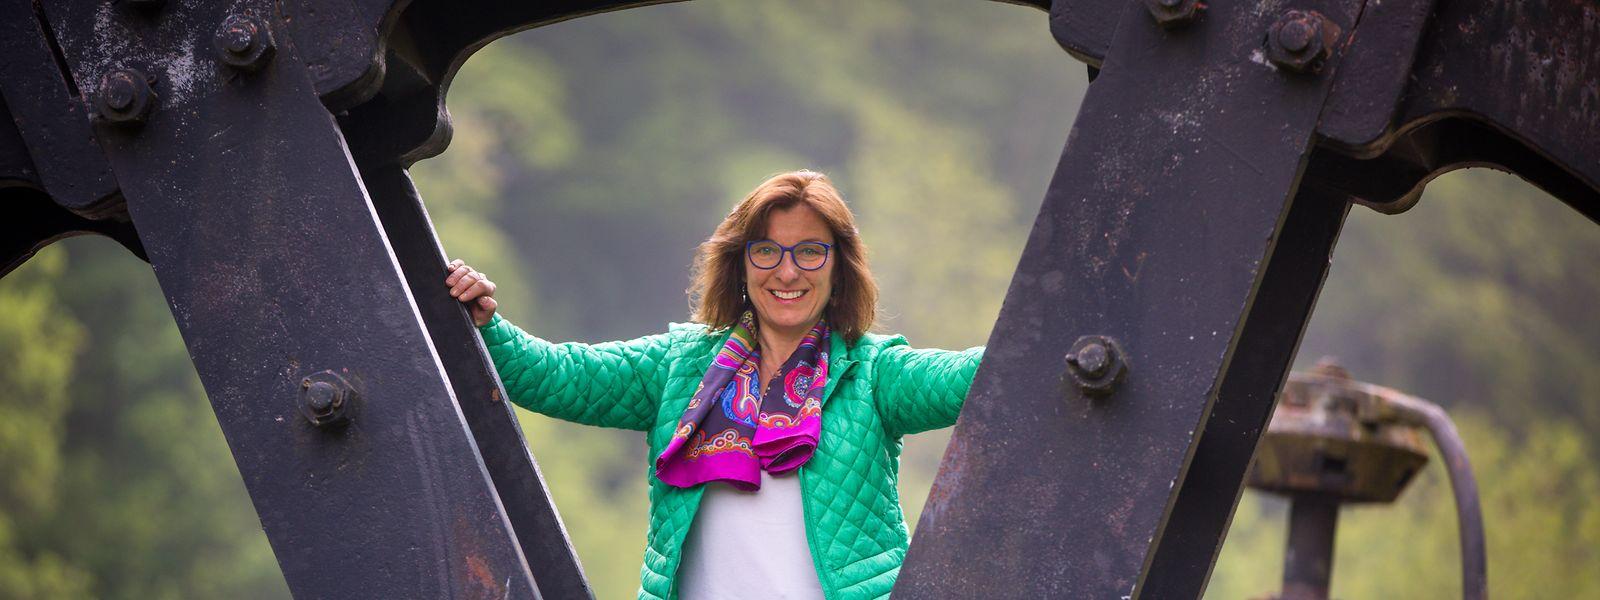 Fototermin in Fond-de-Gras: Tilly Metz, die zusammen mit Meris Sehovic die Grünen-Liste für die EU-Wahlen anführt.